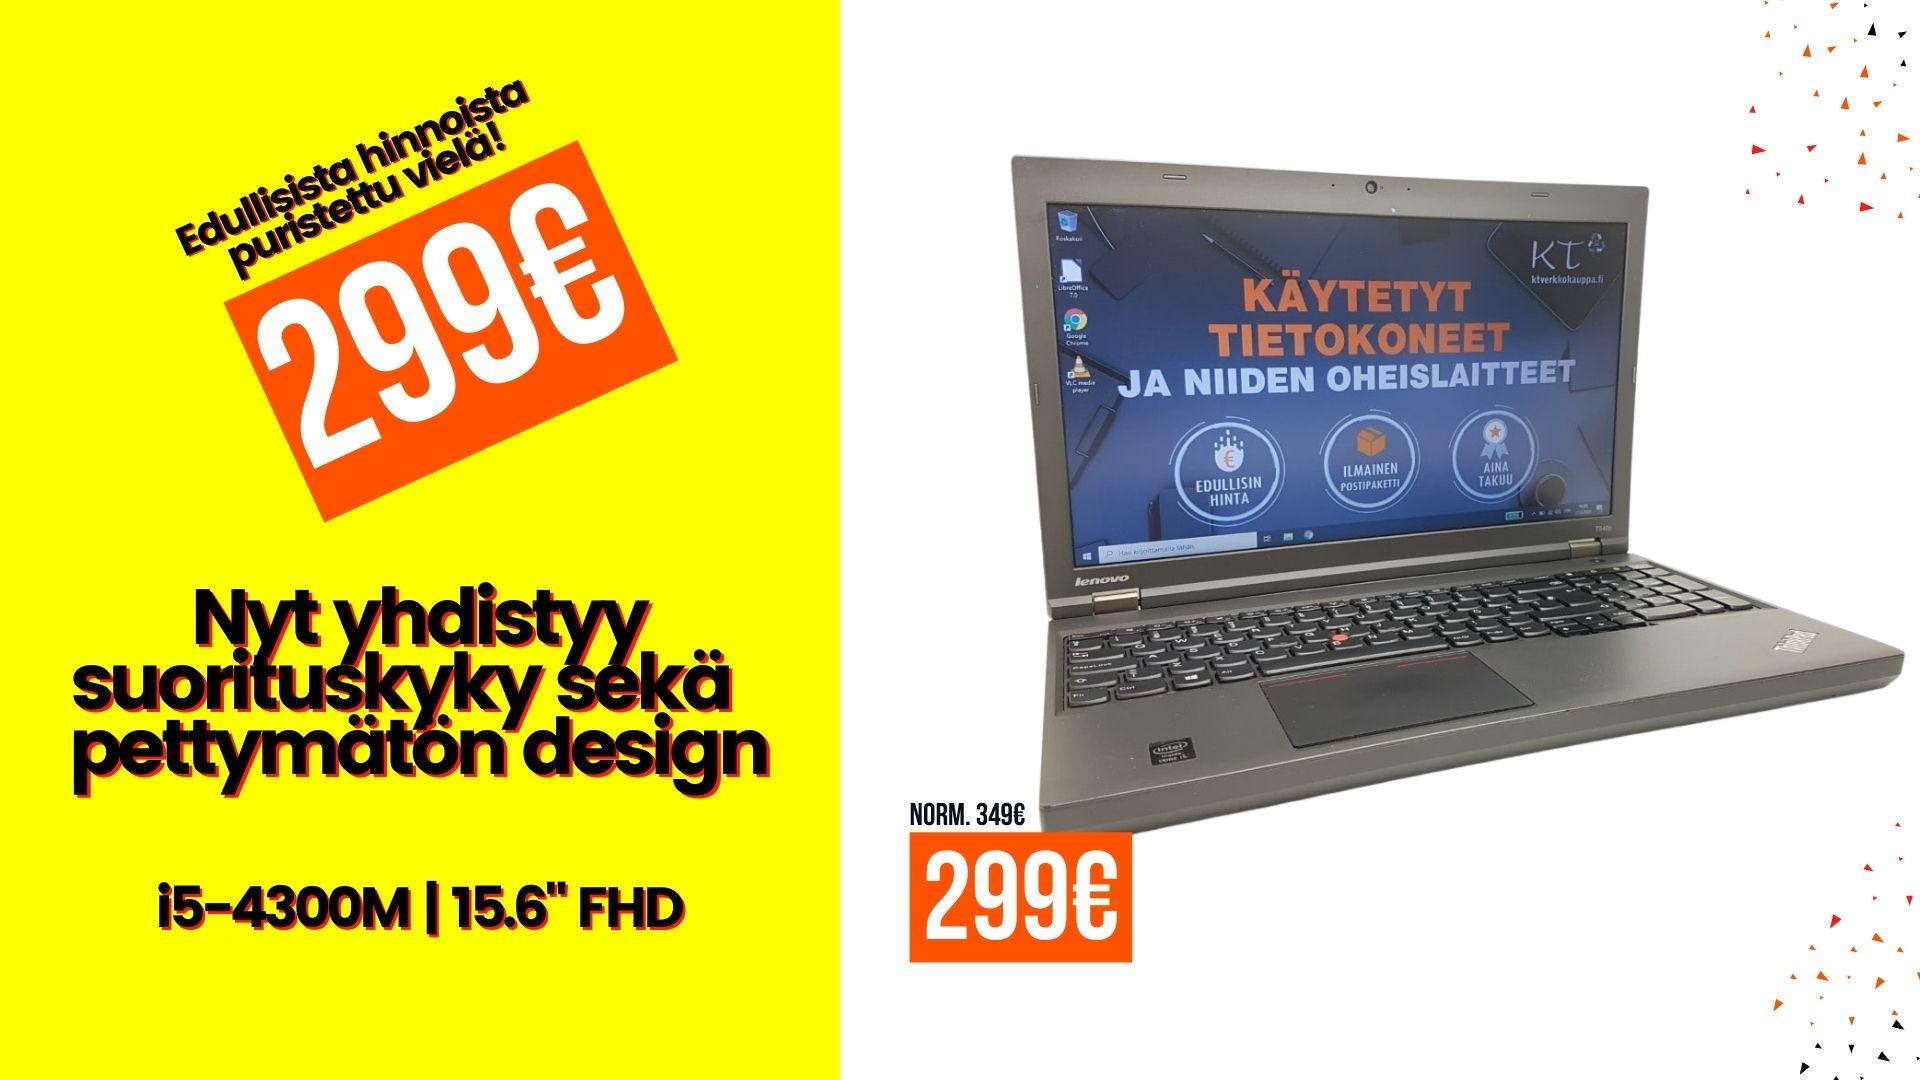 Lenovo ThinkPad T540P i5-4300M 8GB 256GB SSD 15.6″ FHD 1920 x 1080 Win10 desktop tarjous